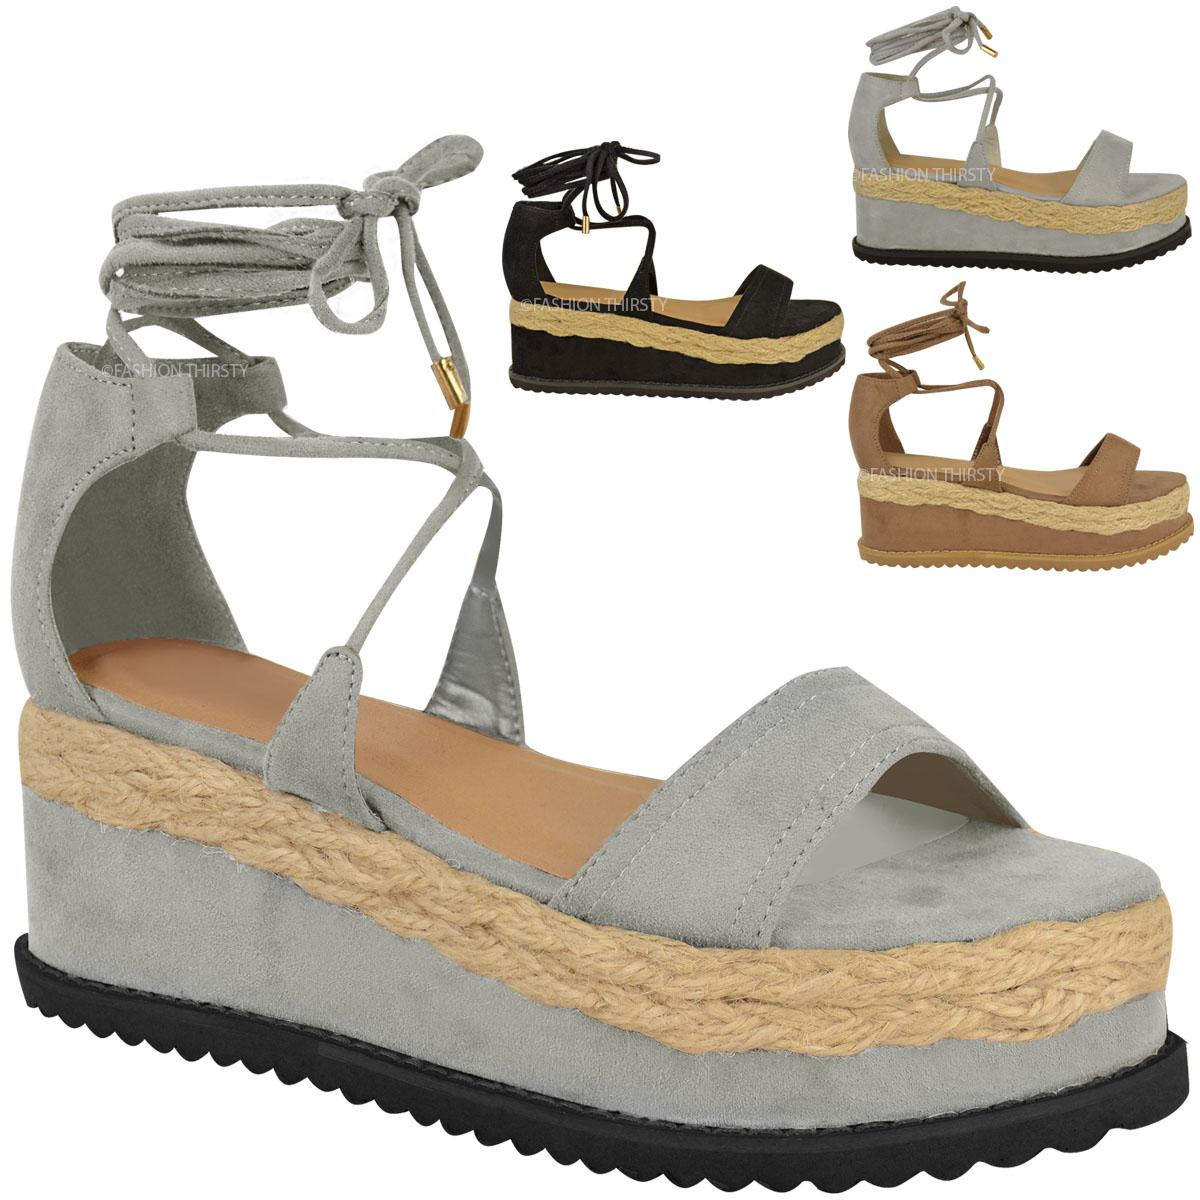 damen espadrille sandalen mit keilabsatz plateausohle. Black Bedroom Furniture Sets. Home Design Ideas